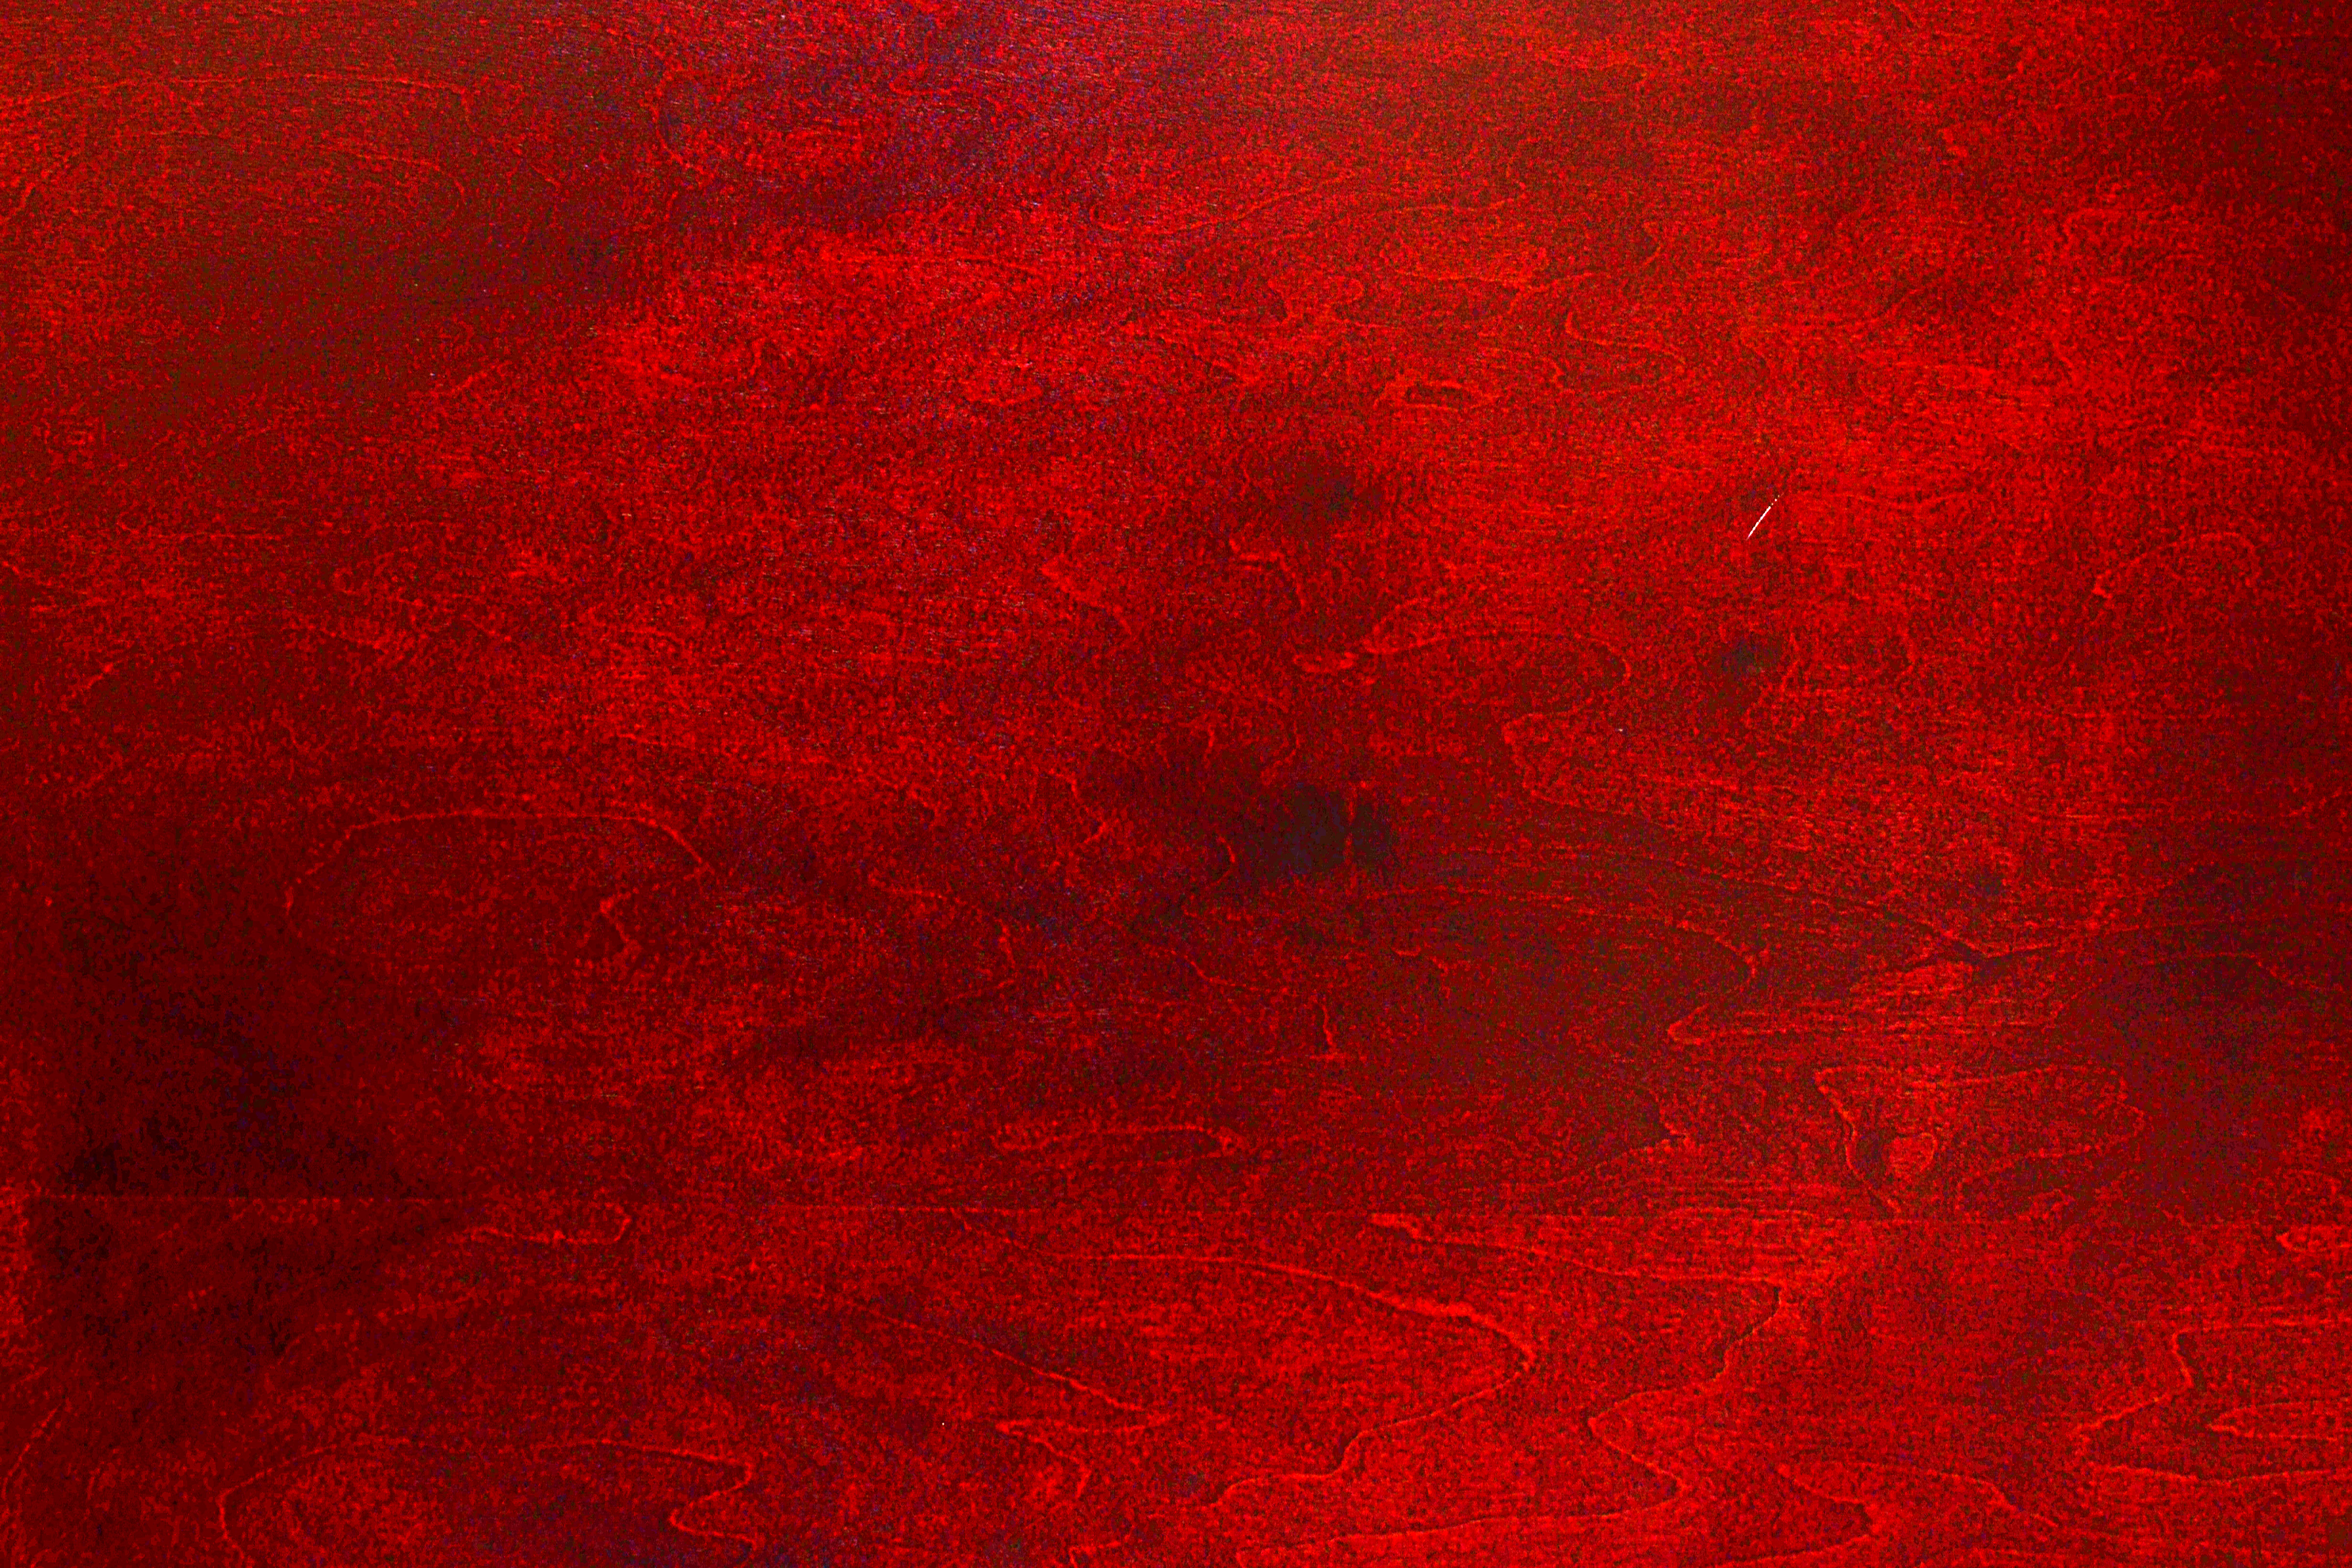 109502 descarga Rojo fondos de pantalla para tu teléfono gratis, Texturas, Textura, Divorcios, Fondo Rojo imágenes y protectores de pantalla para tu teléfono